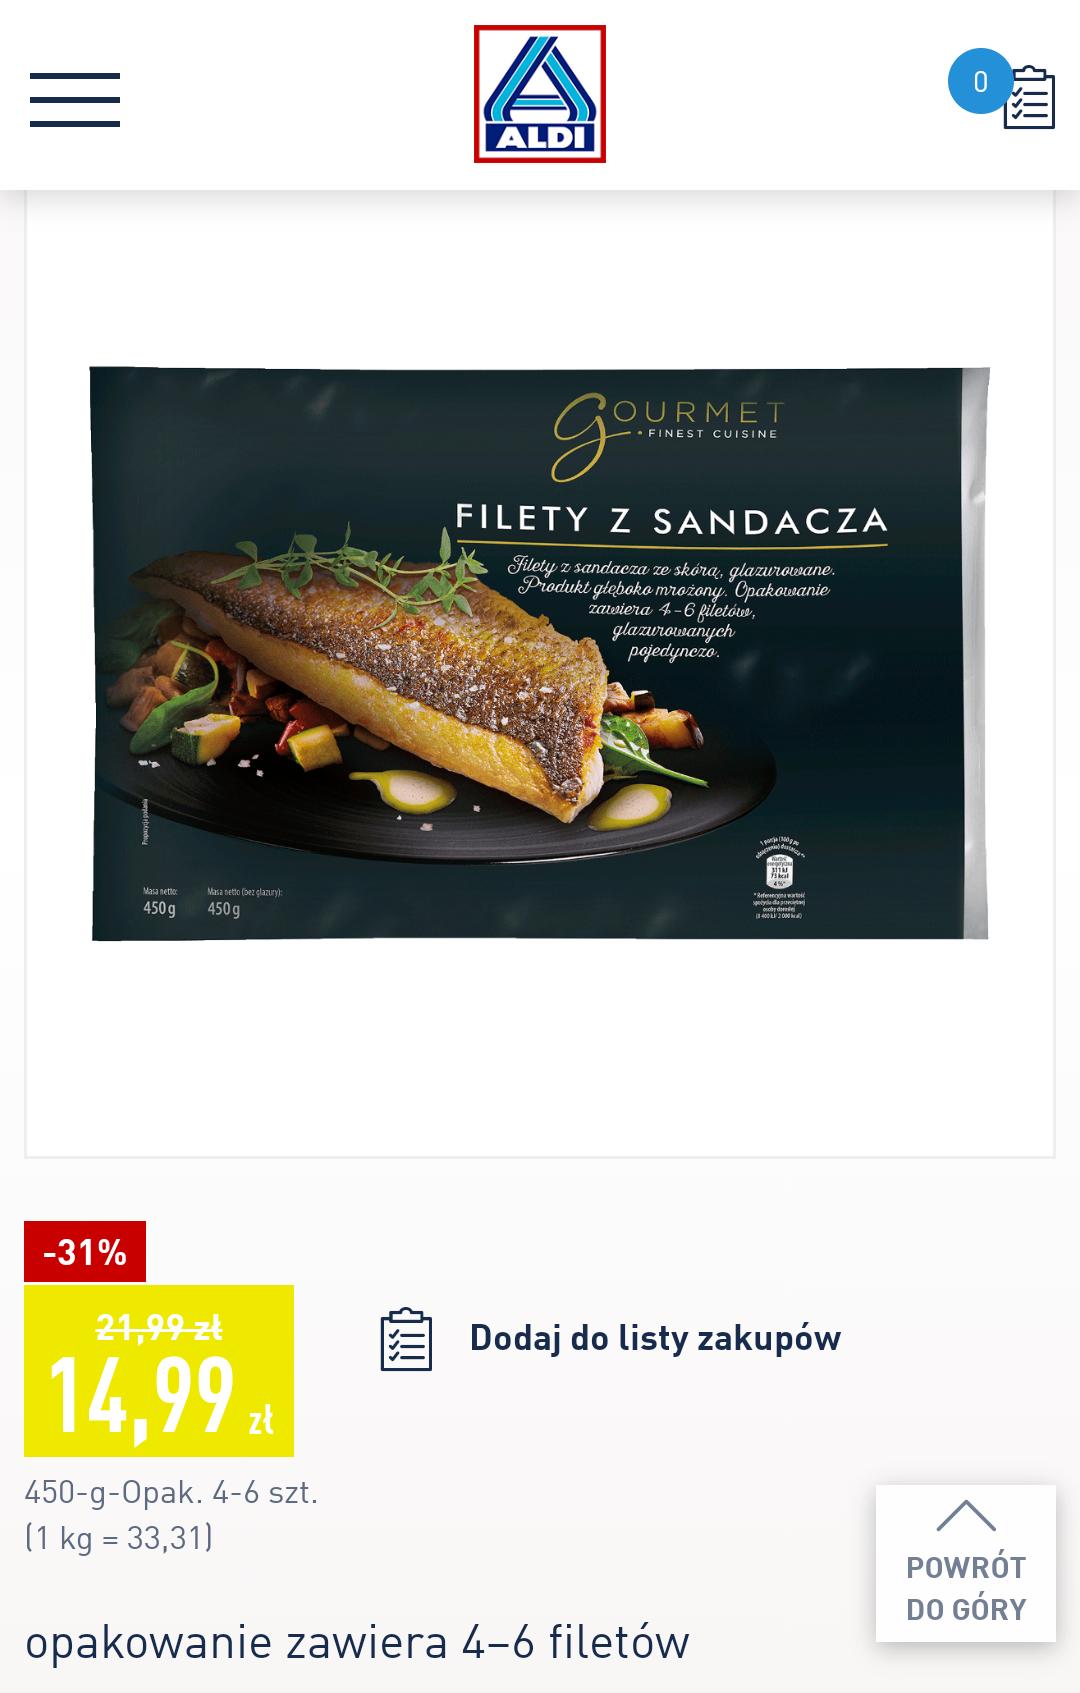 ALDI Filety z Sandacza -31%